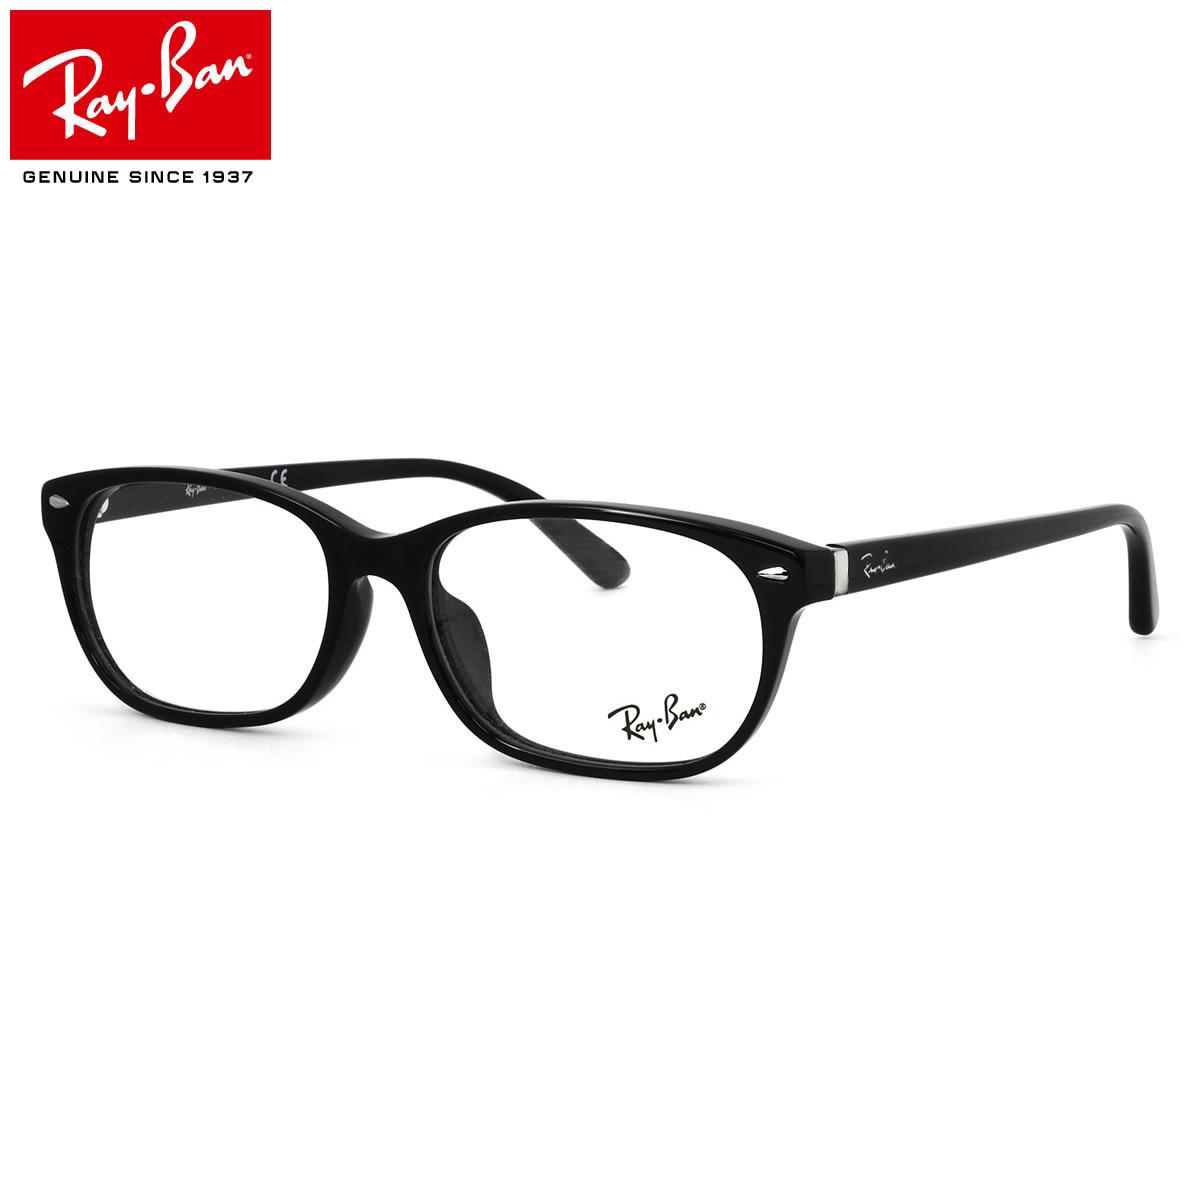 ほぼ全品ポイント15倍~最大43倍+3倍!お得なクーポンも! レイバン メガネ フレーム Ray-Ban RX5208D 2000 54サイズ ウェリントン スクエア レイバン RAYBAN メンズ レディース